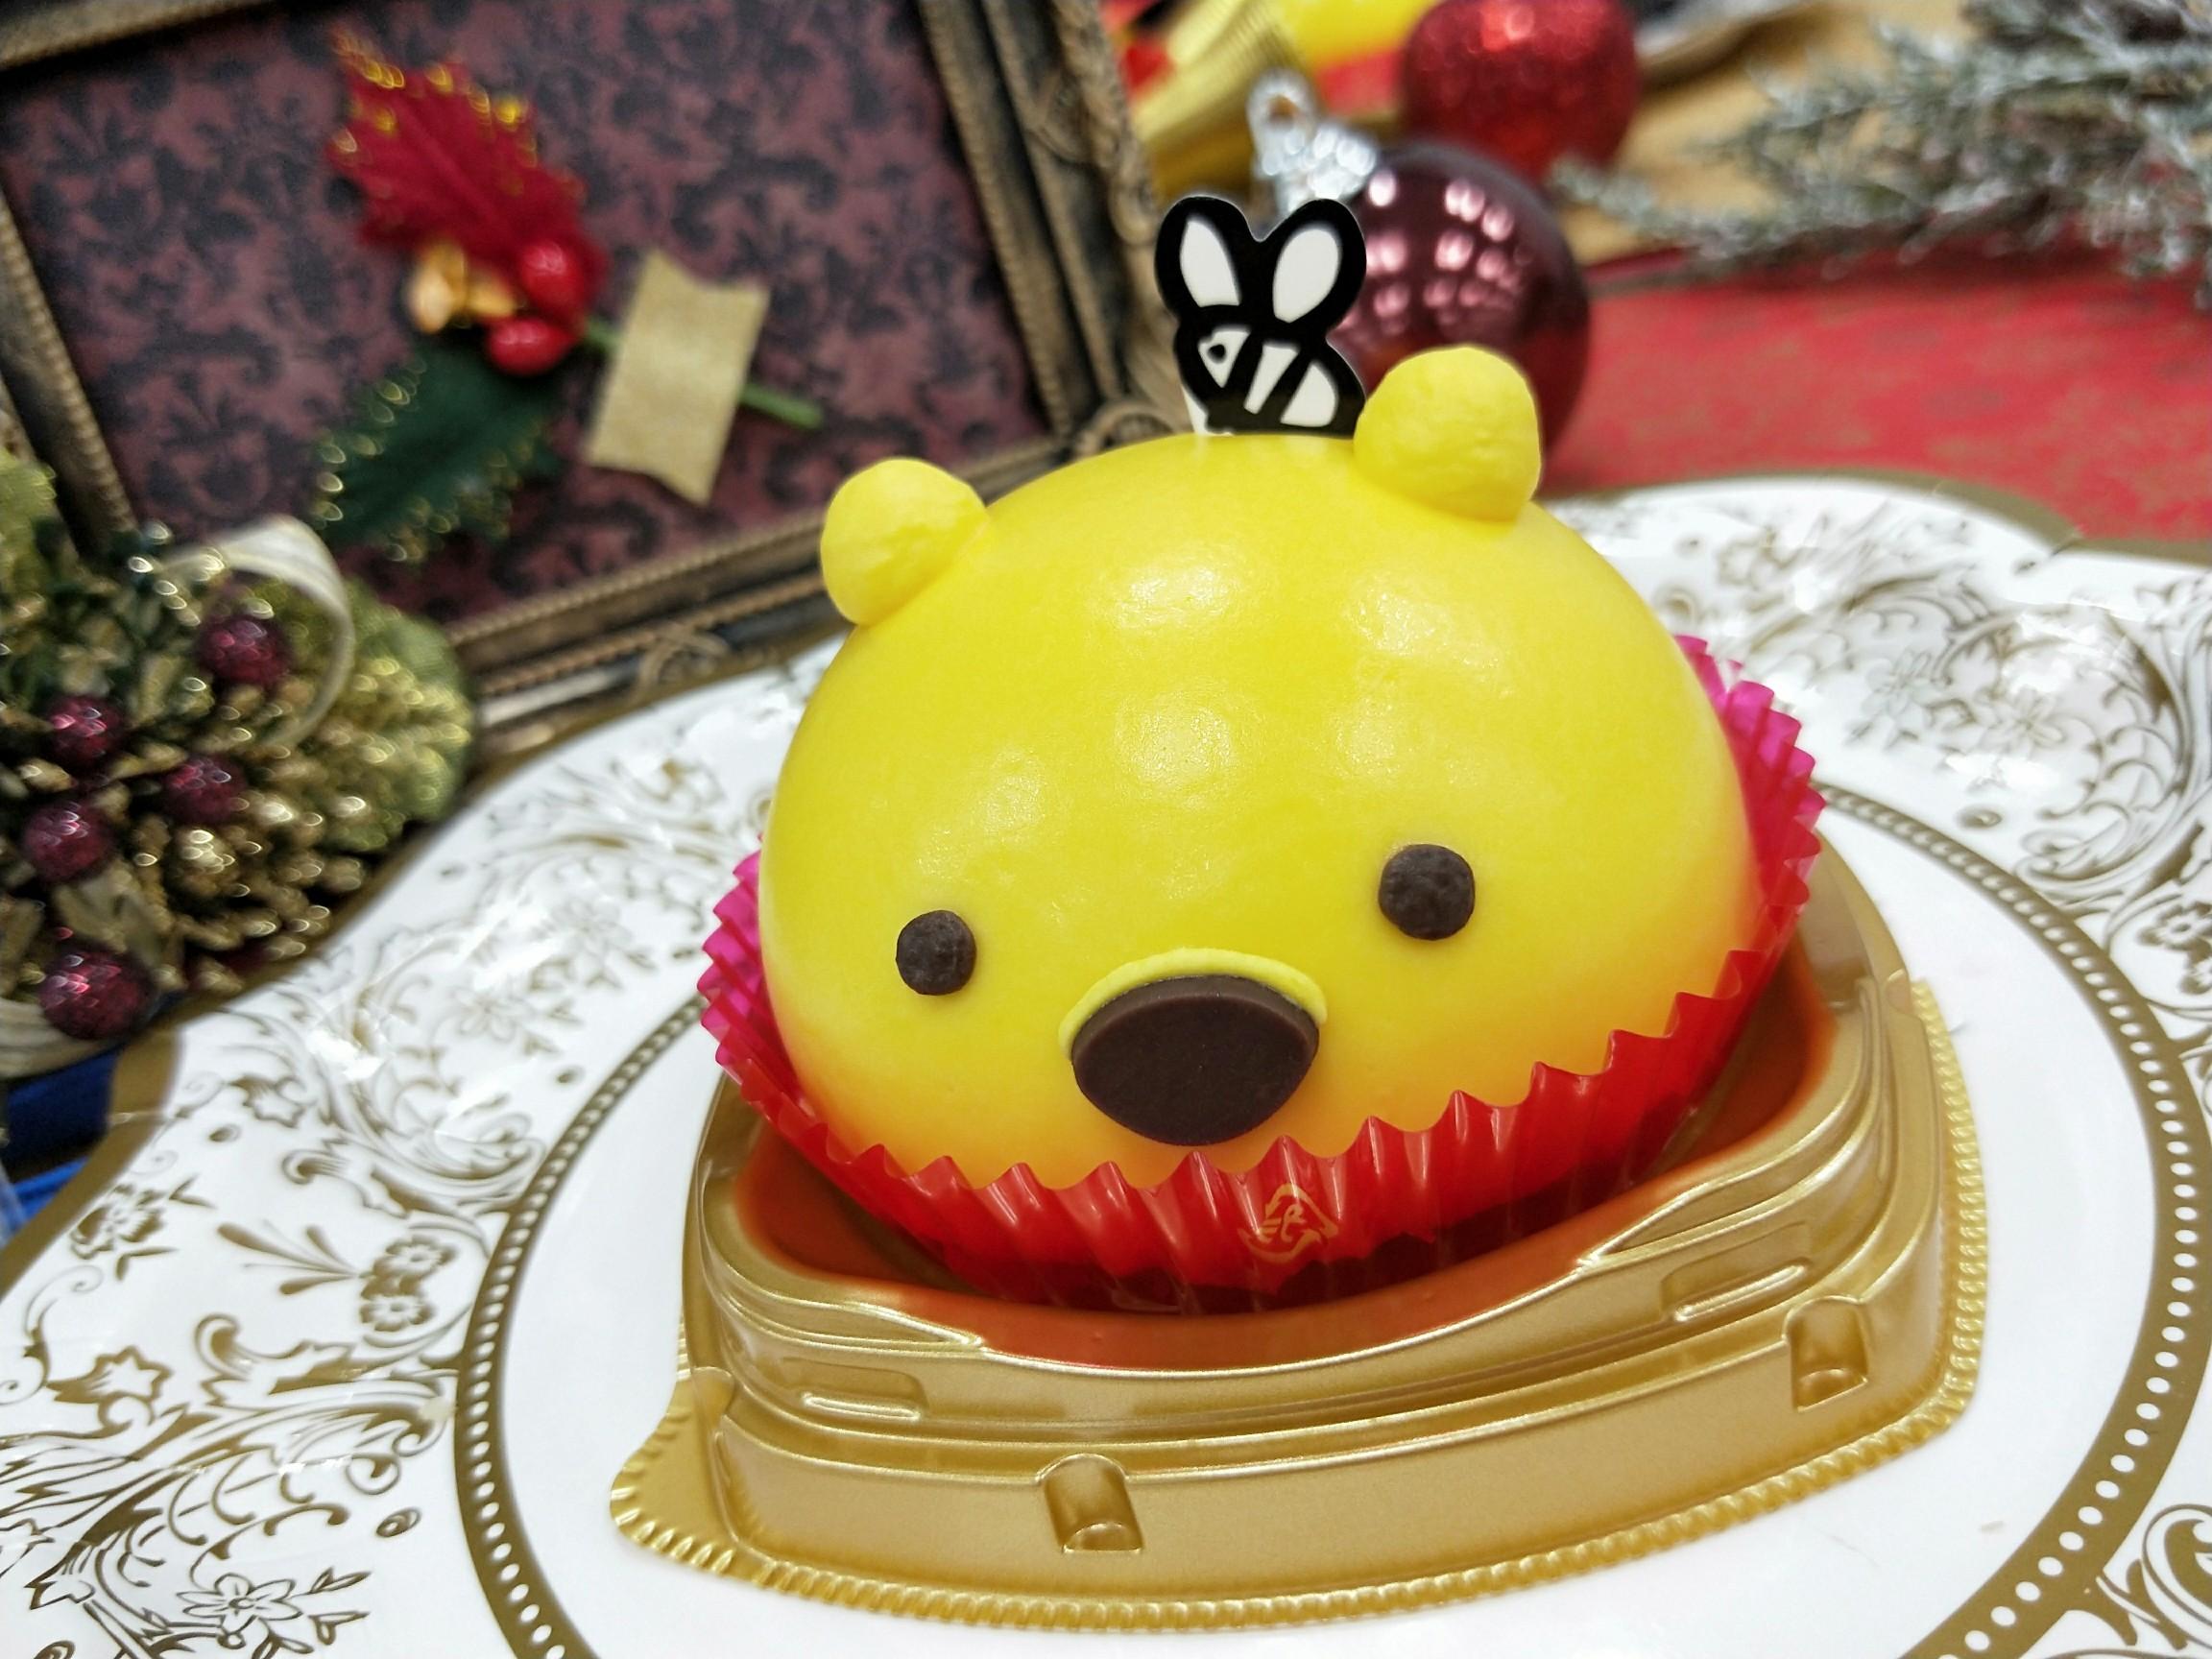 セブンでプチクリパ♡ミッキー&プーさんのケーキや有名ブランドのコラボスイーツに舌鼓_9